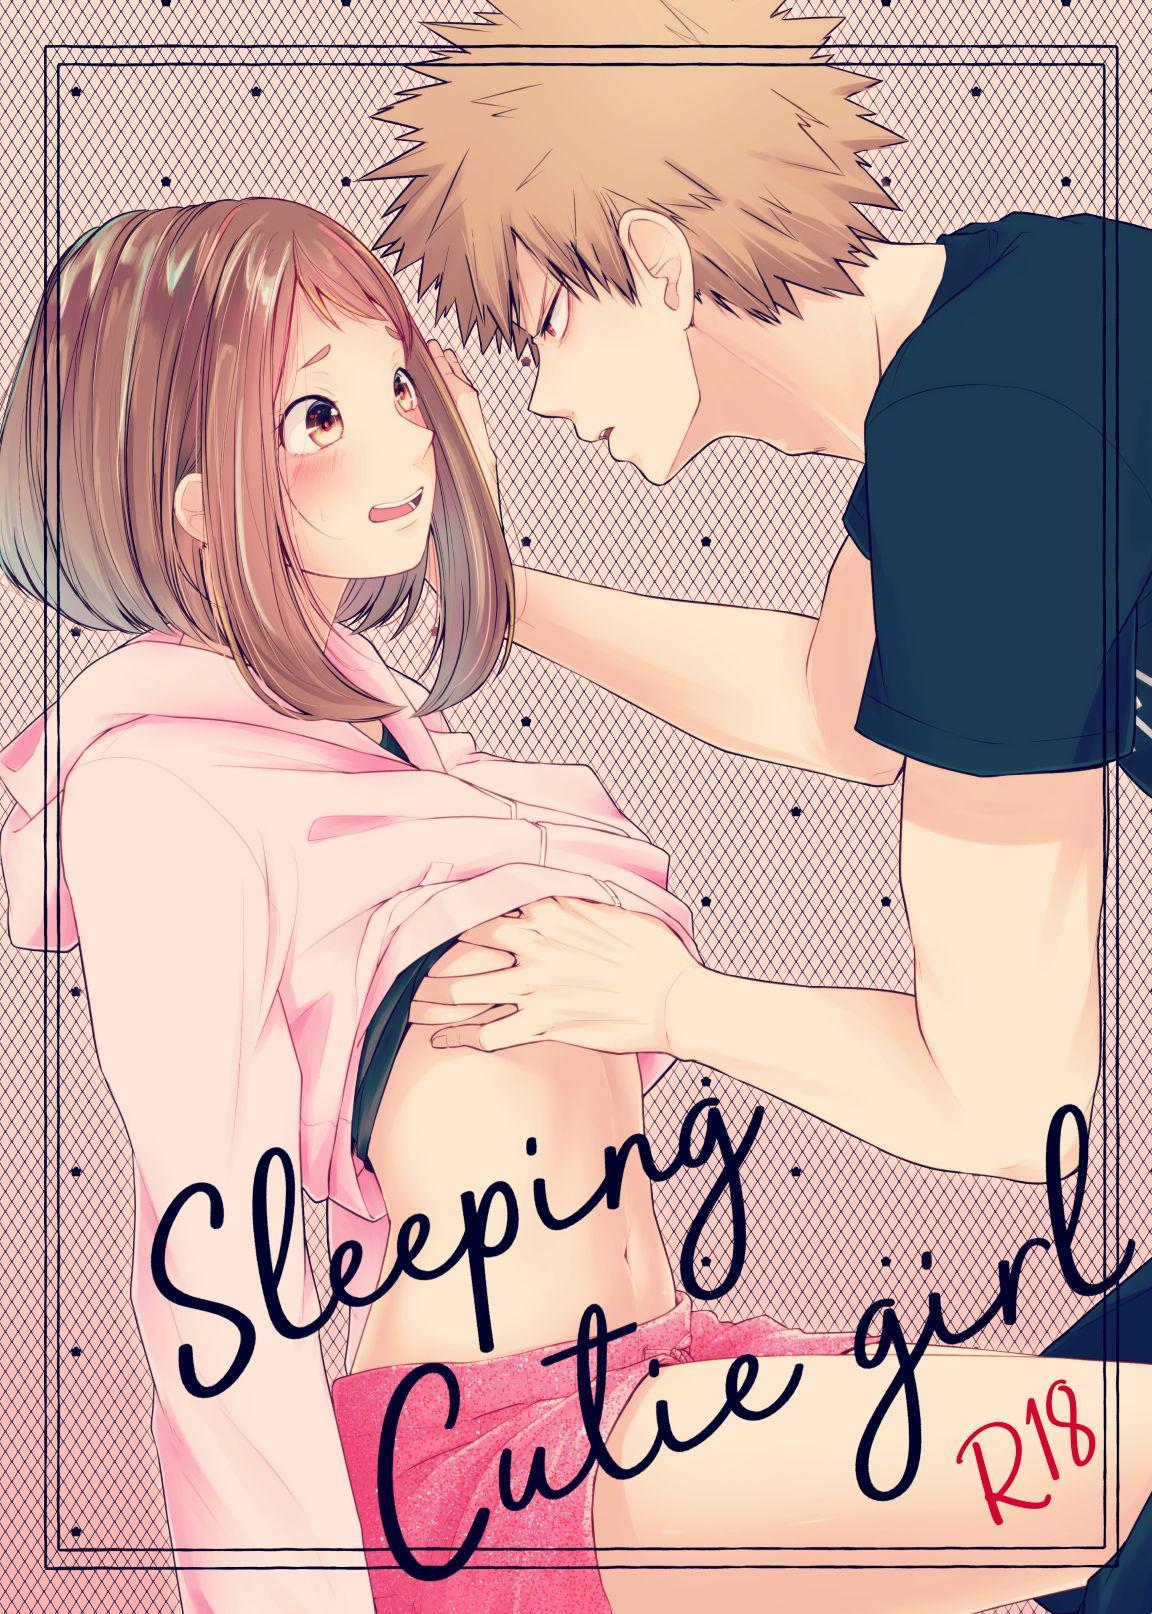 Sleeping Cutie girl 0